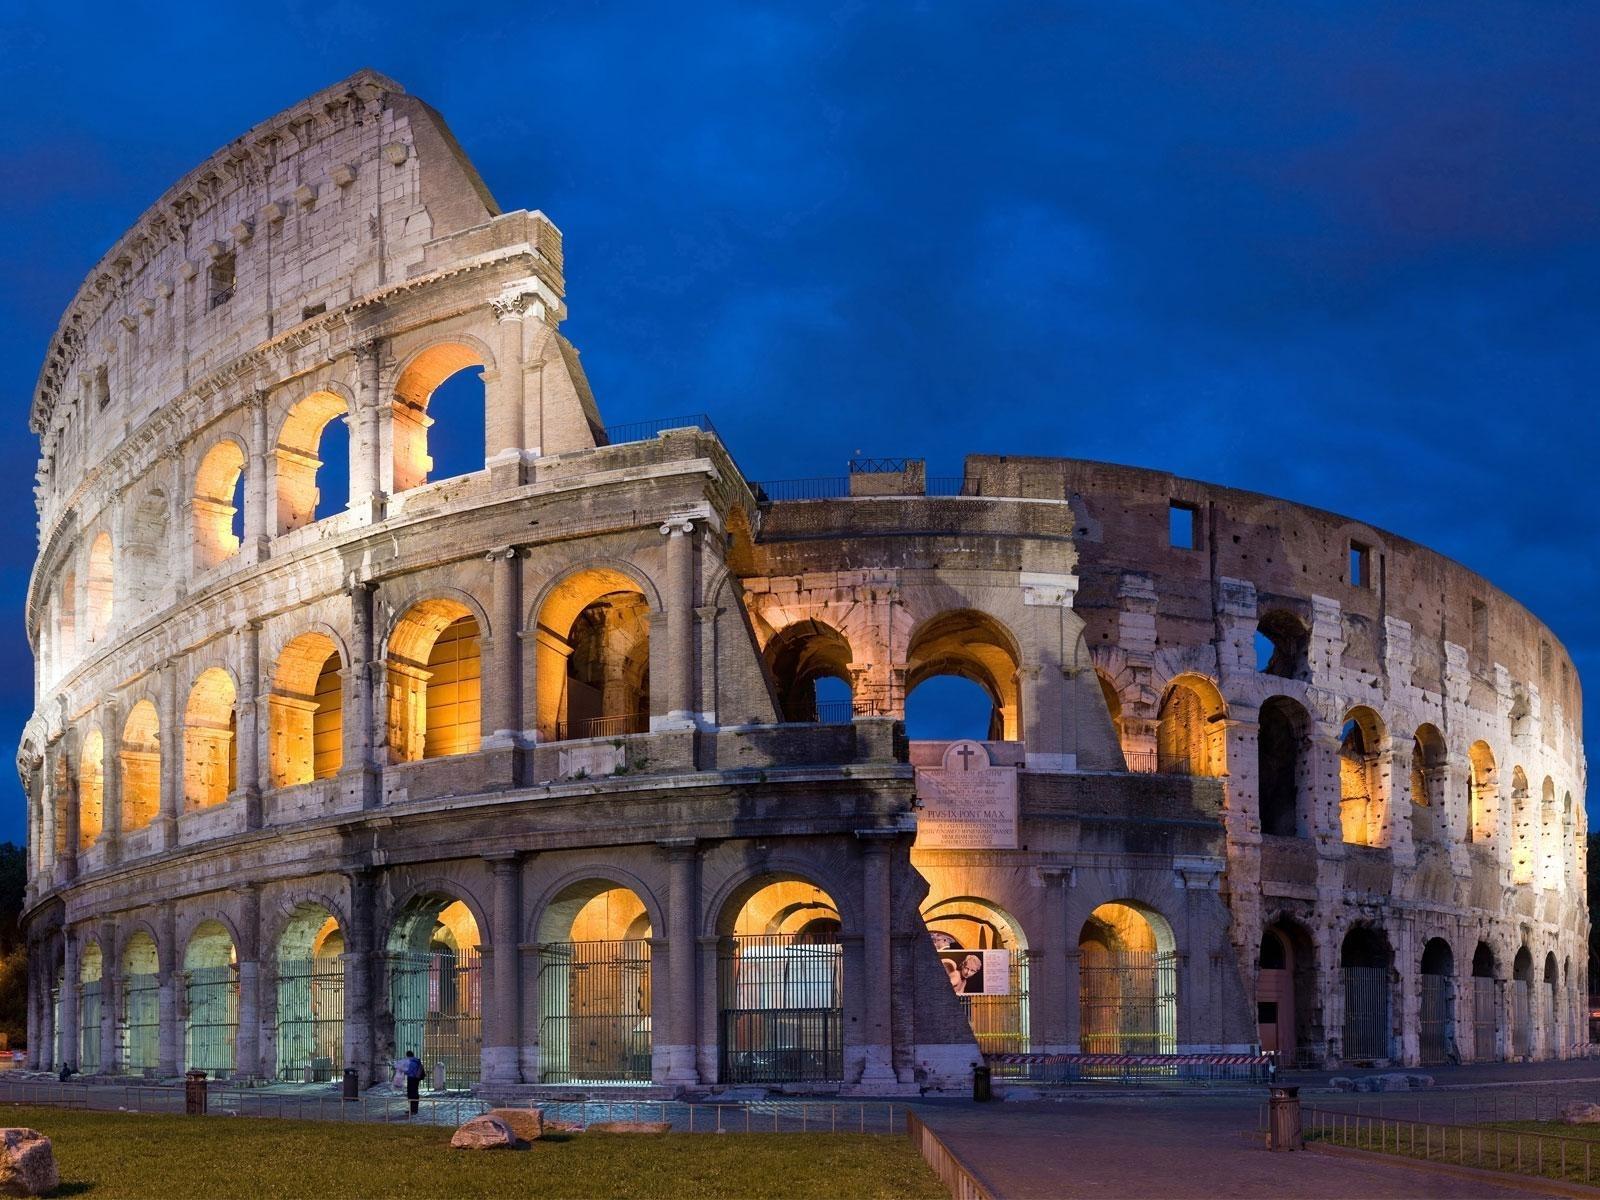 Berühmte Architektur kolosseum italien bogen architektur städte berühmte gebäude